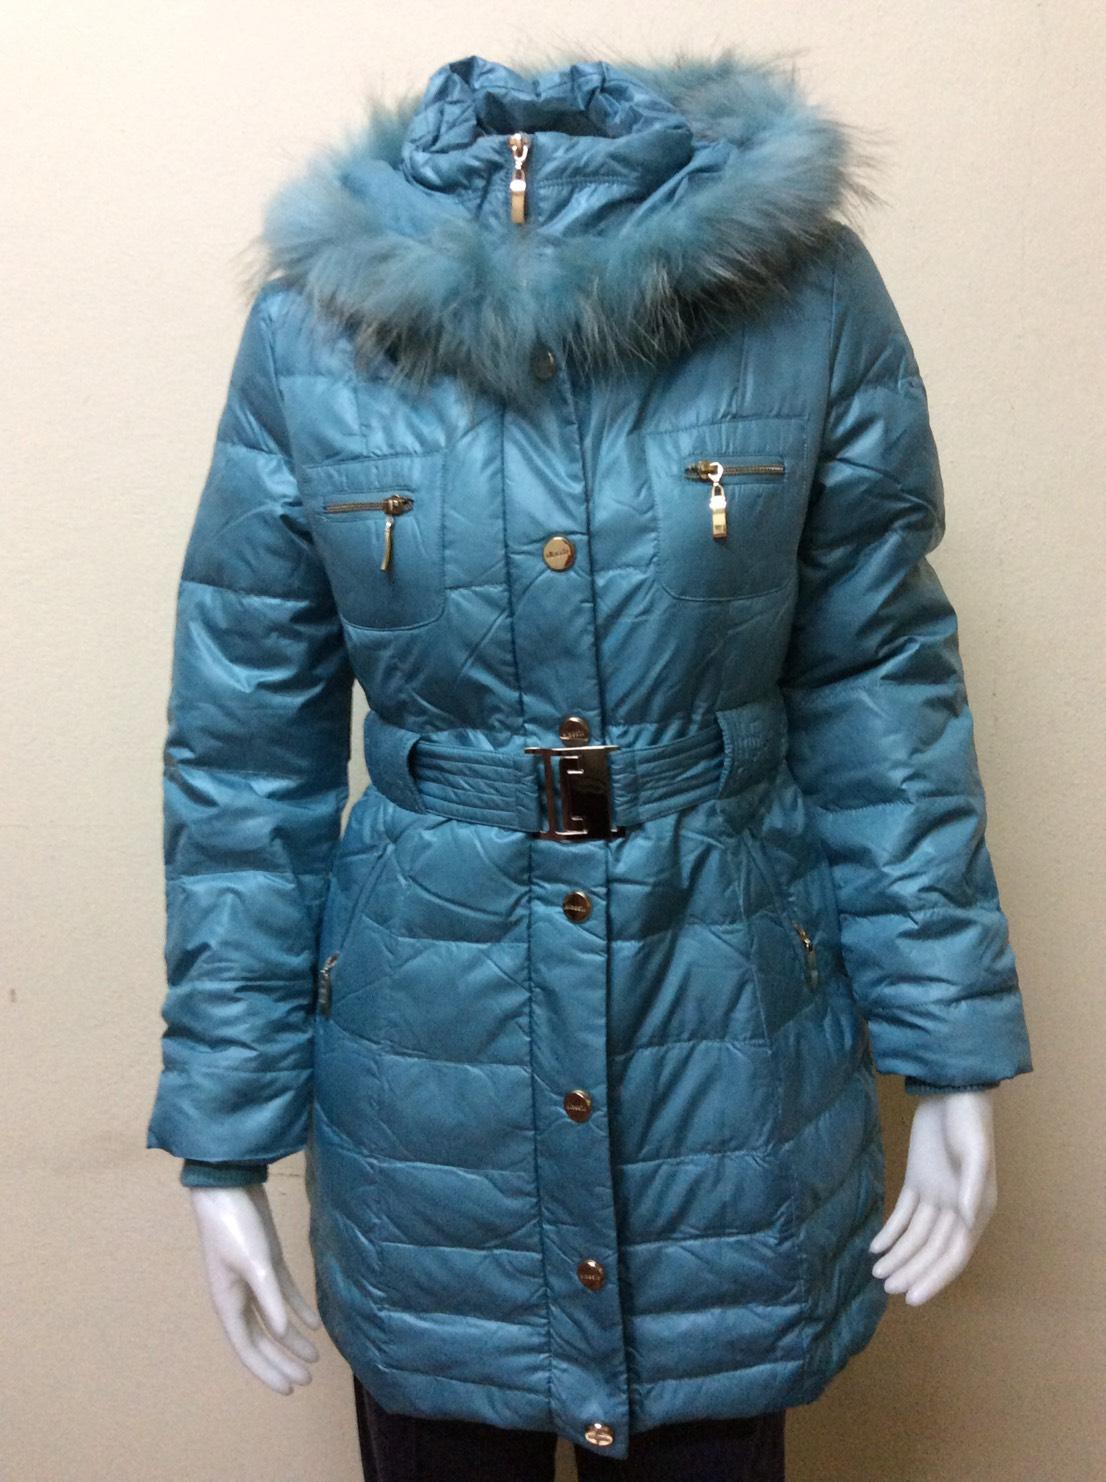 เสื้อโค้ทกันหนาวขนเป็ดแท้ สีฟ้า Size M